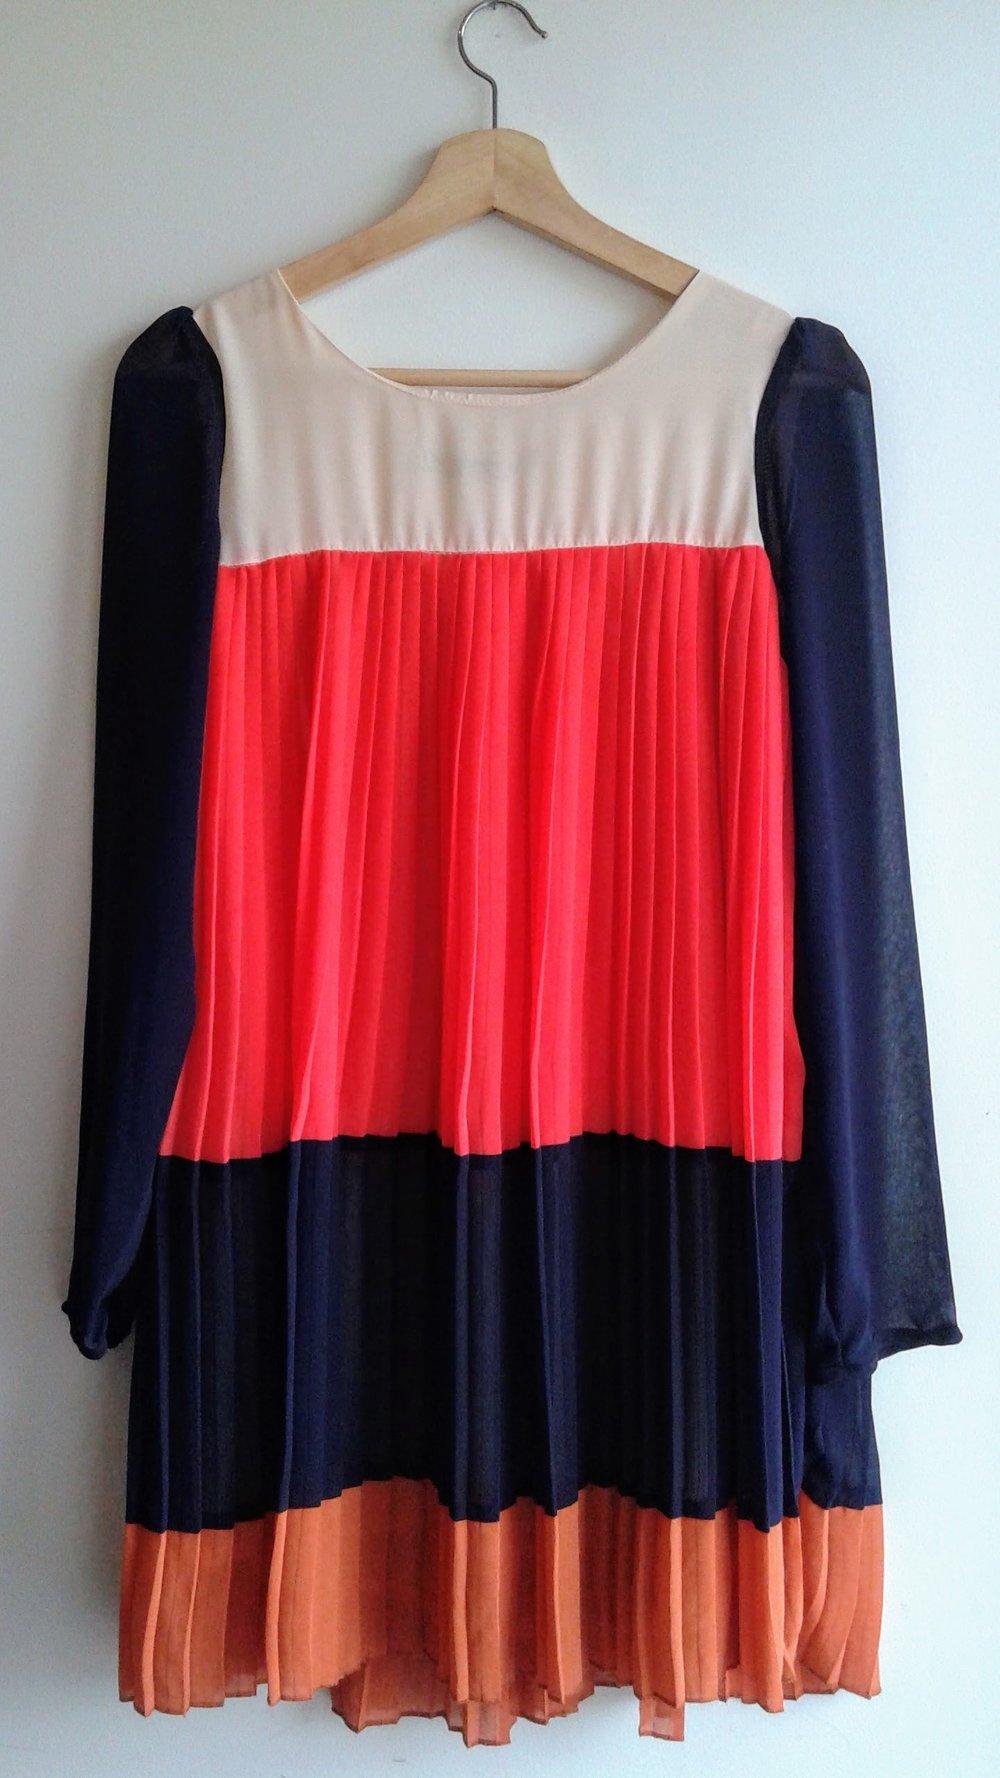 Zoe Baer dress; Size M, $30